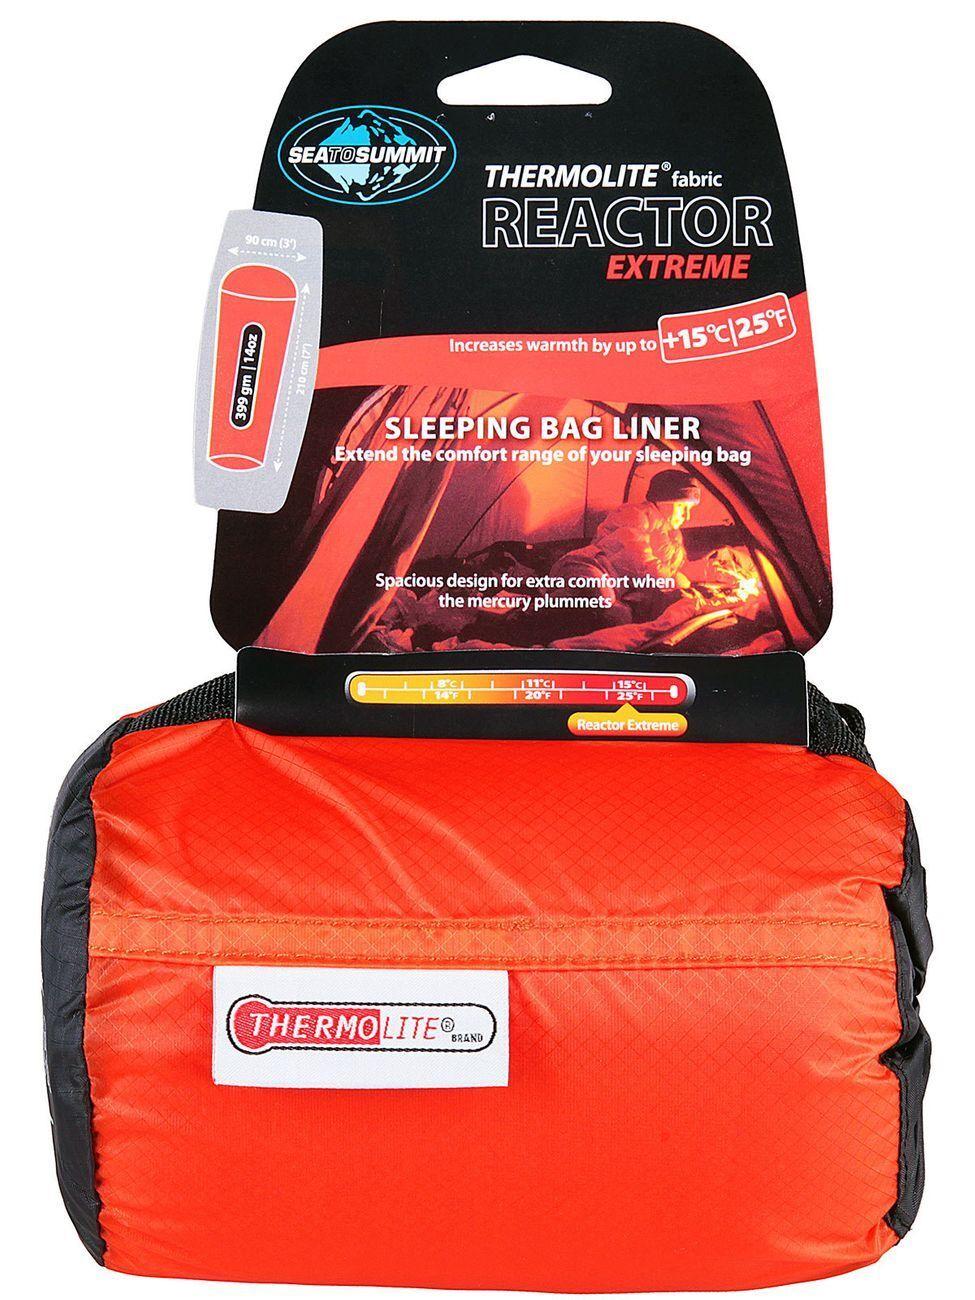 Bolsa de Dormir para Acampar al aire libre sea to summit  Thermolite reactor Extreme